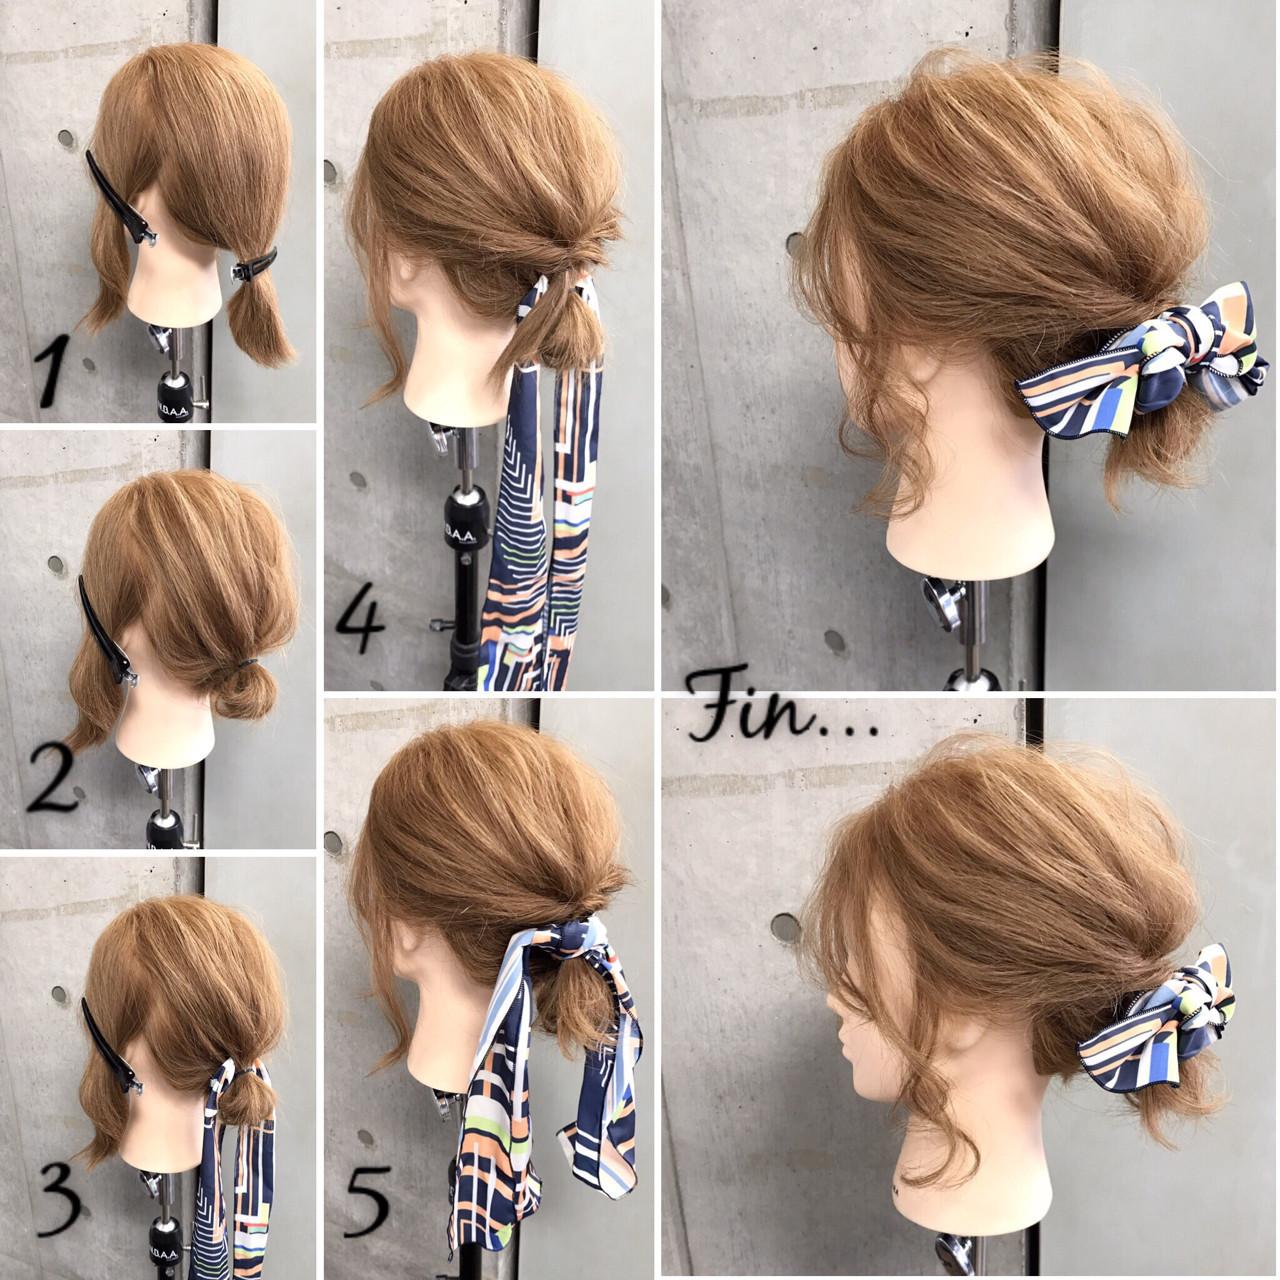 ボブ 大人女子 ヘアアクセ 簡単ヘアアレンジ ヘアスタイルや髪型の写真・画像